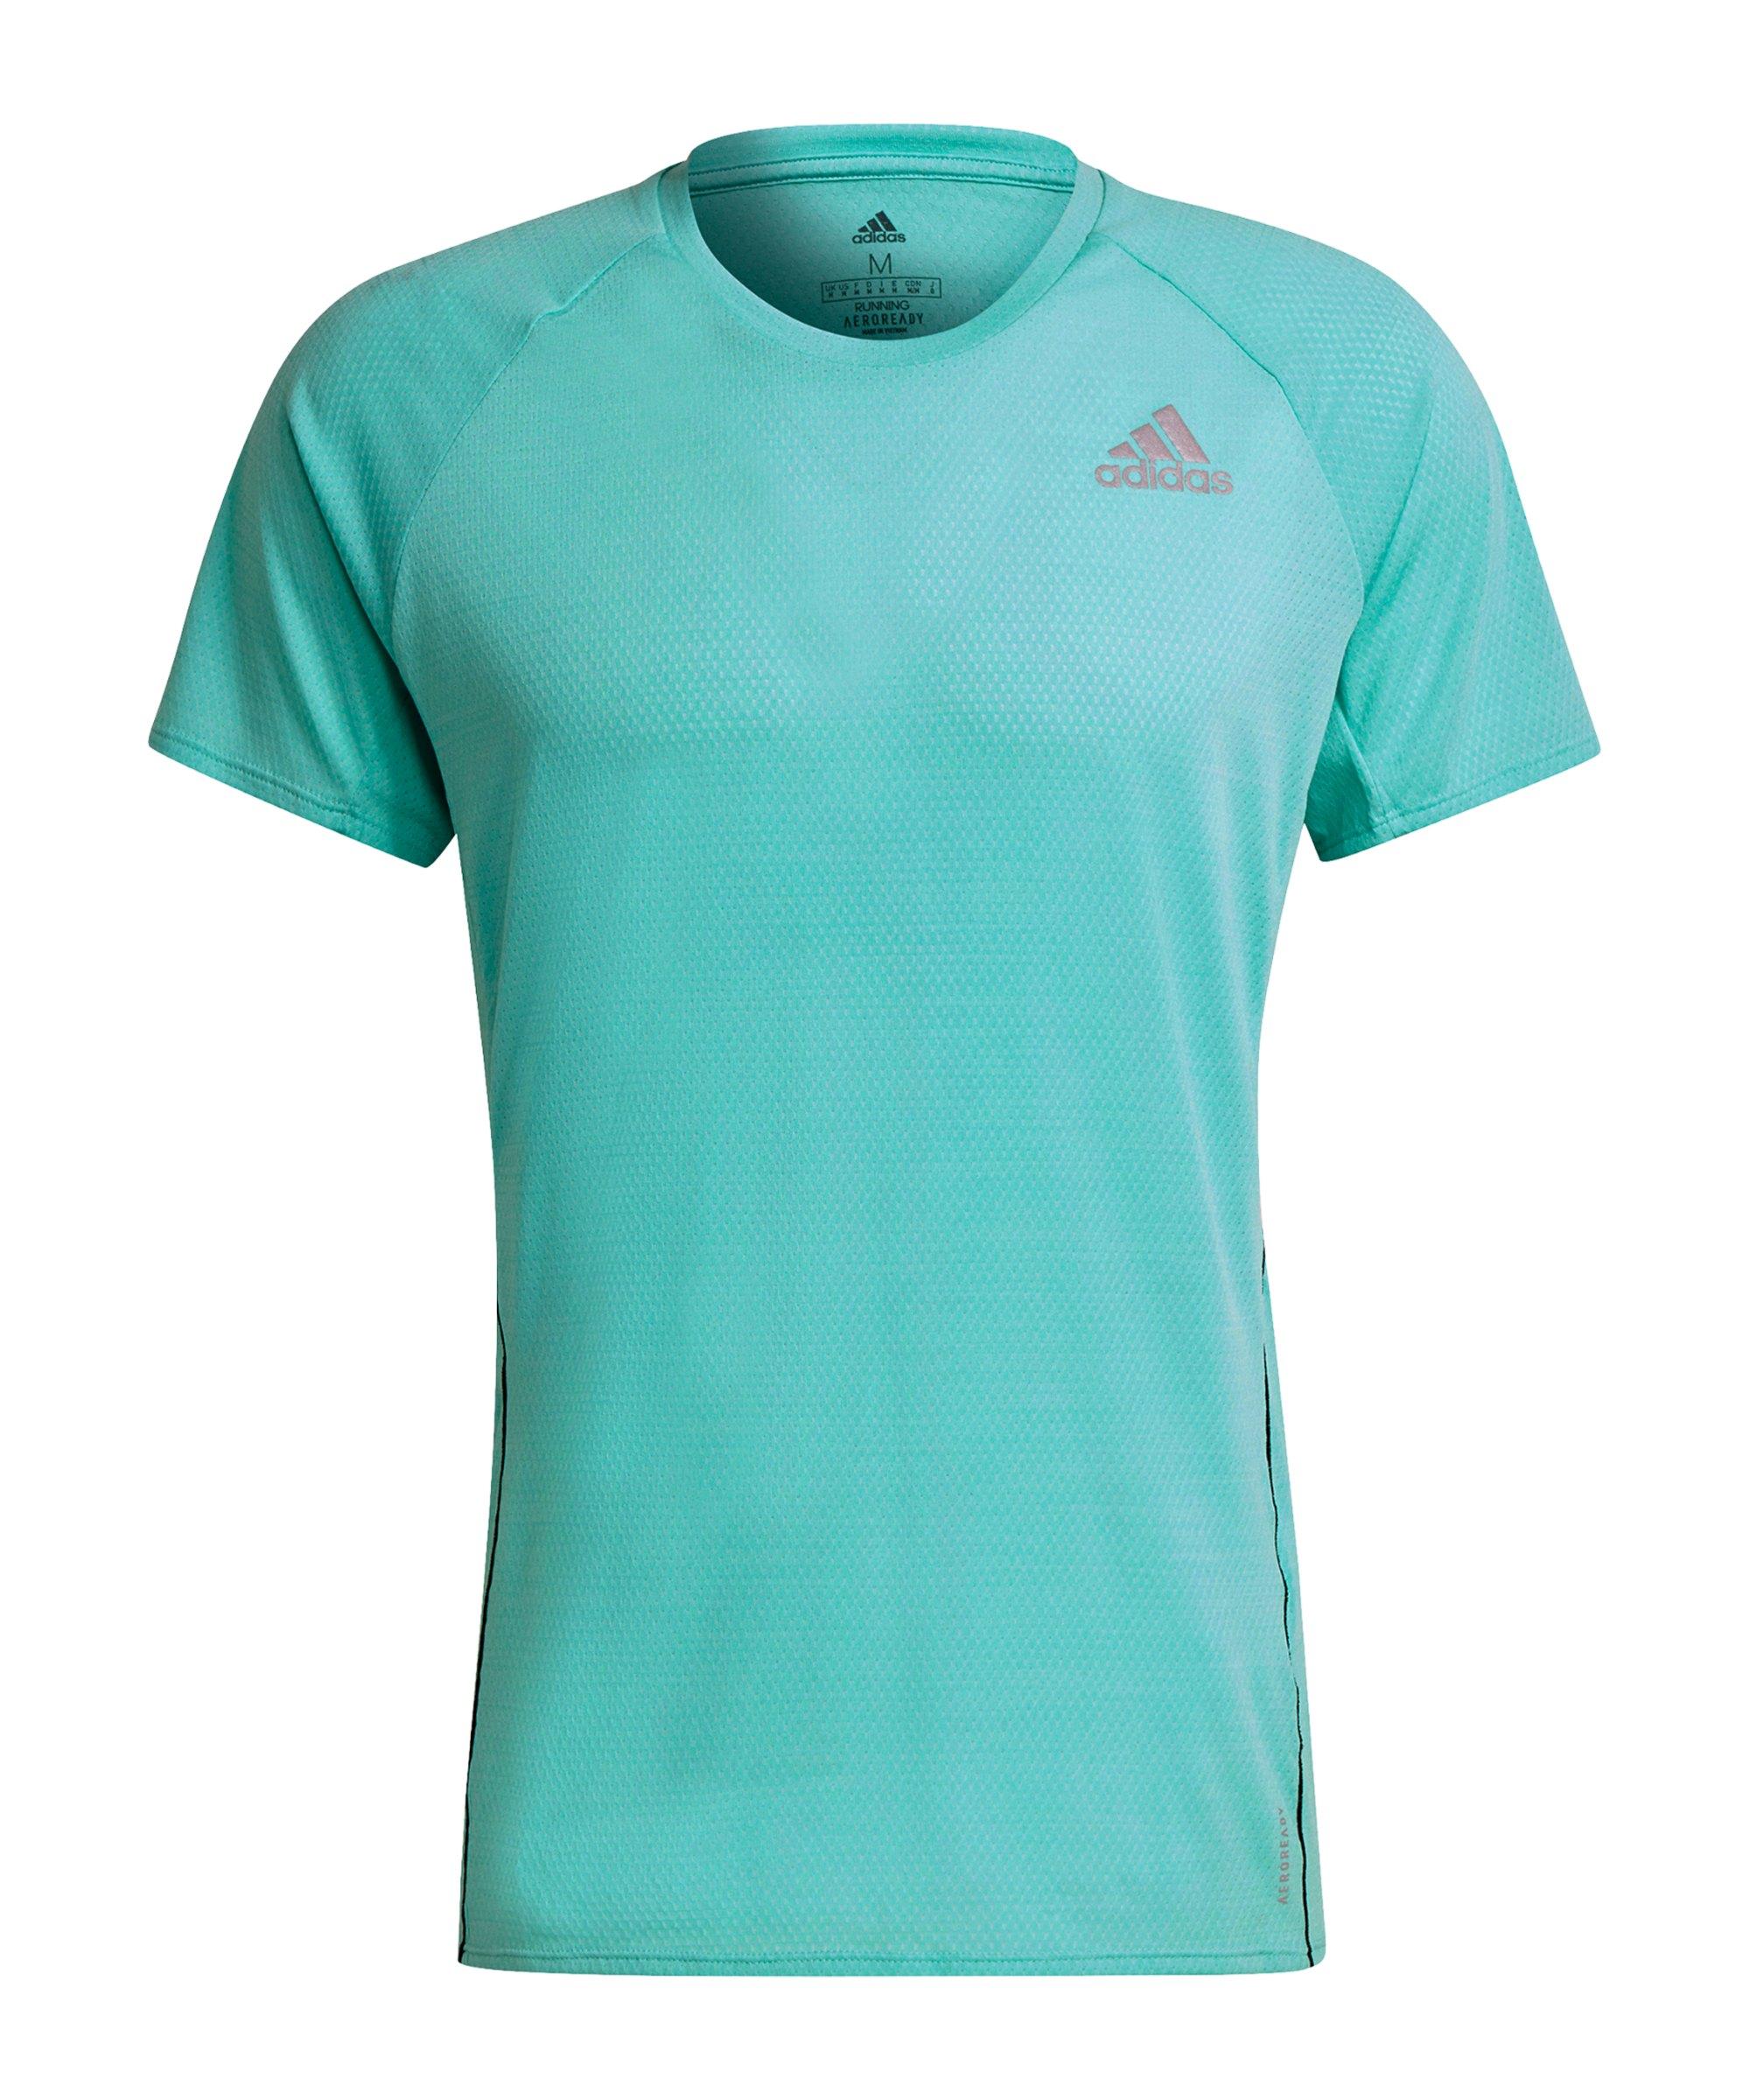 adidas Runner T-Shirt Running Grün - gruen